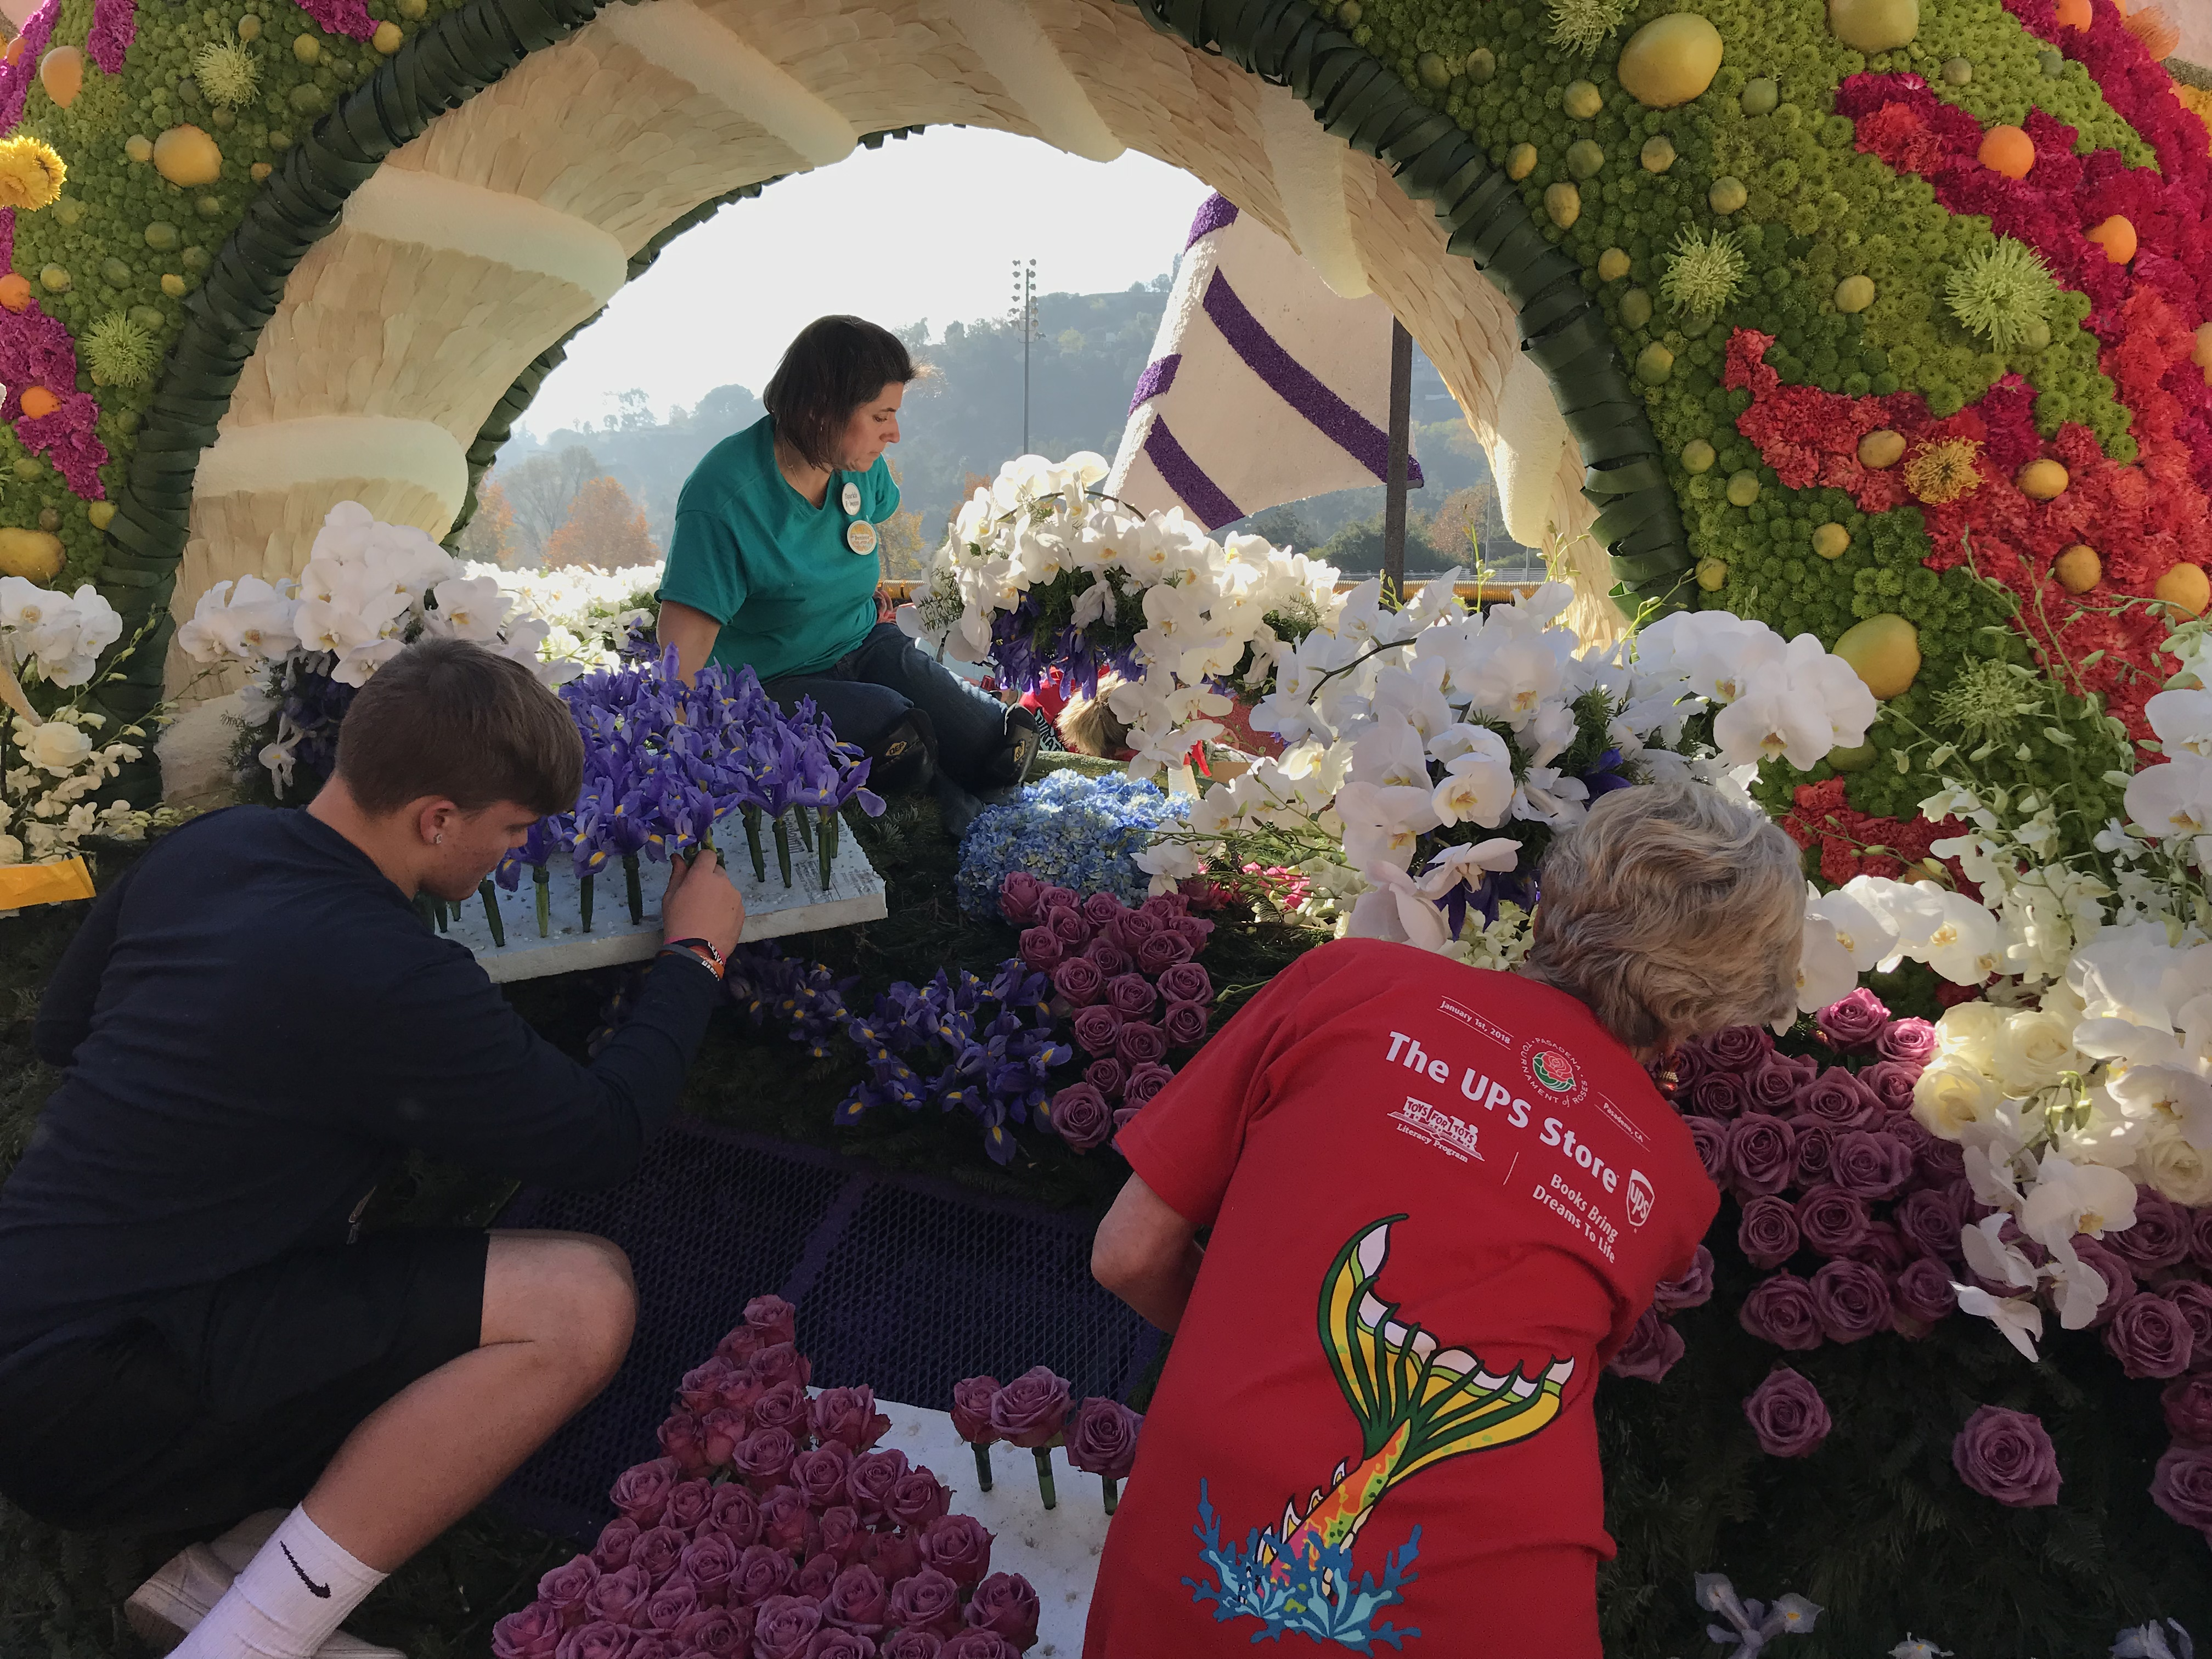 義工忙著裝飾花車。(記者啟鉻/攝影)